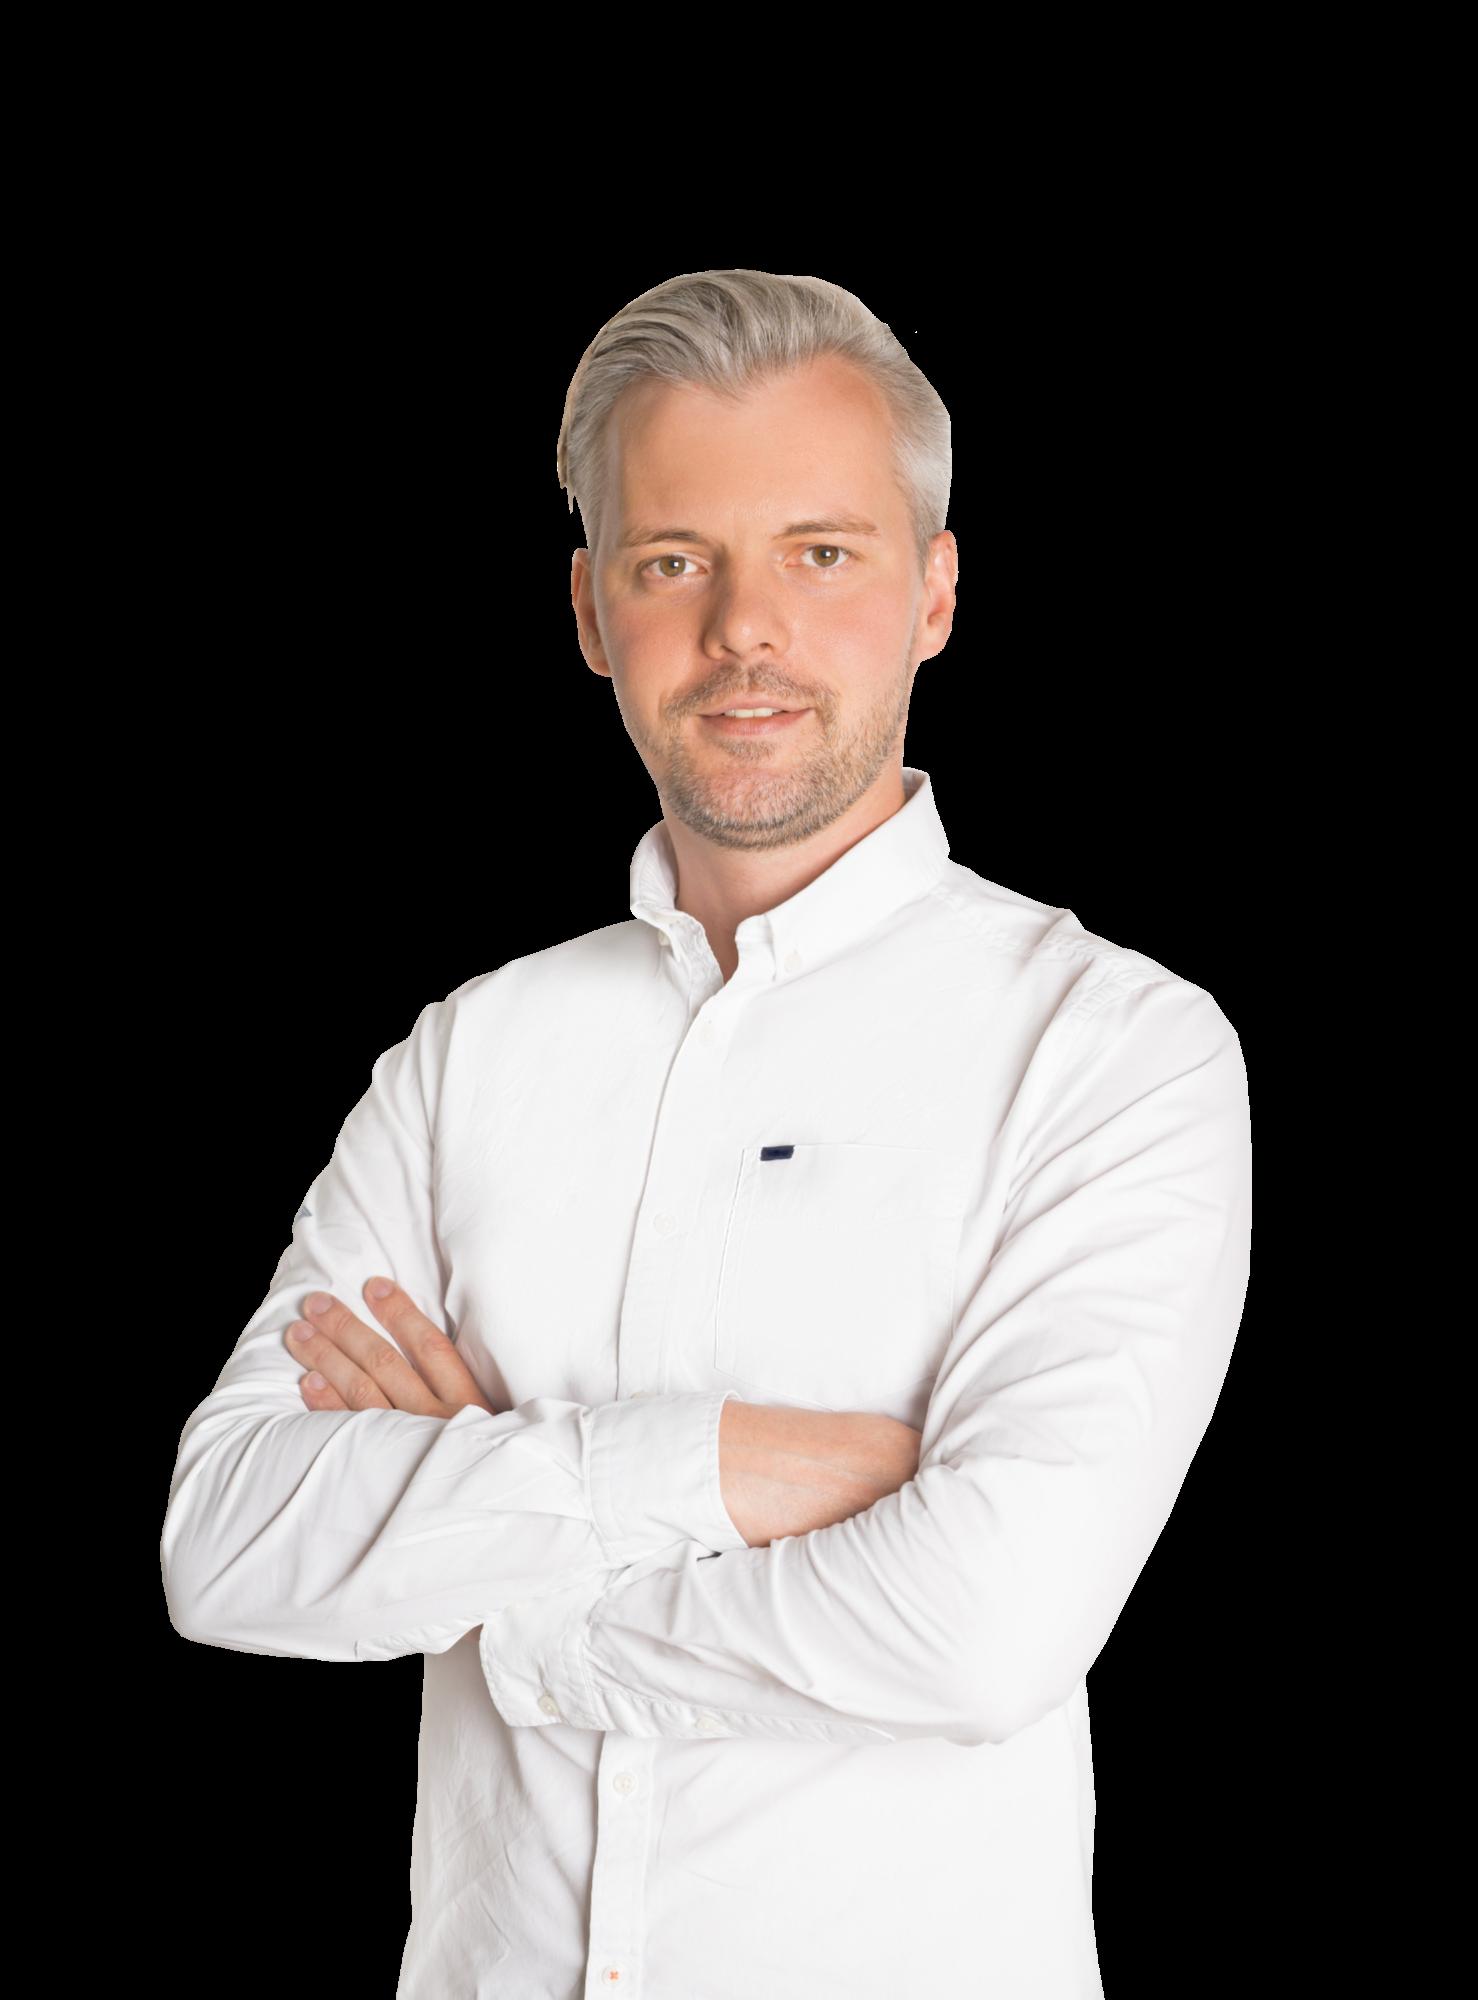 Андрей CEO